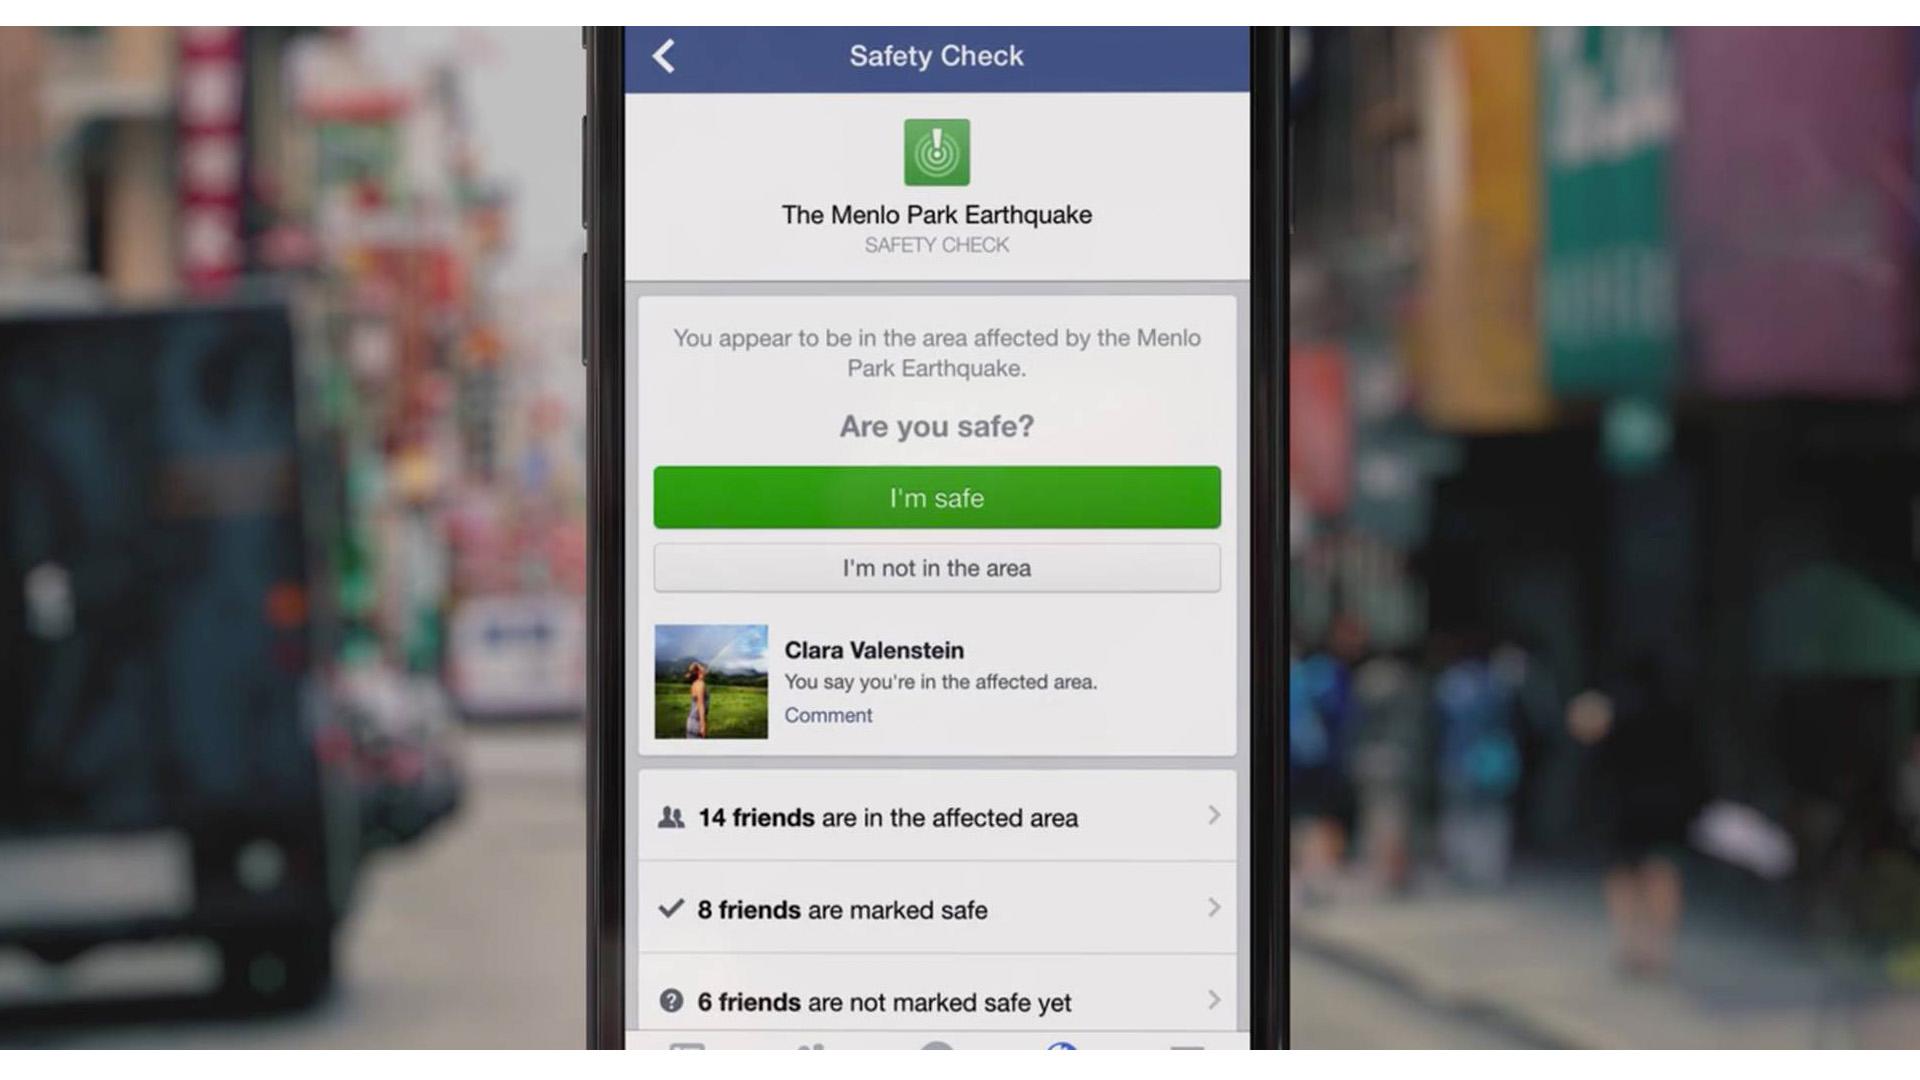 Luego del terremoto de Italia y sus numerosas réplicas, Zuckerberg decidió mantener disponible el Safety Check